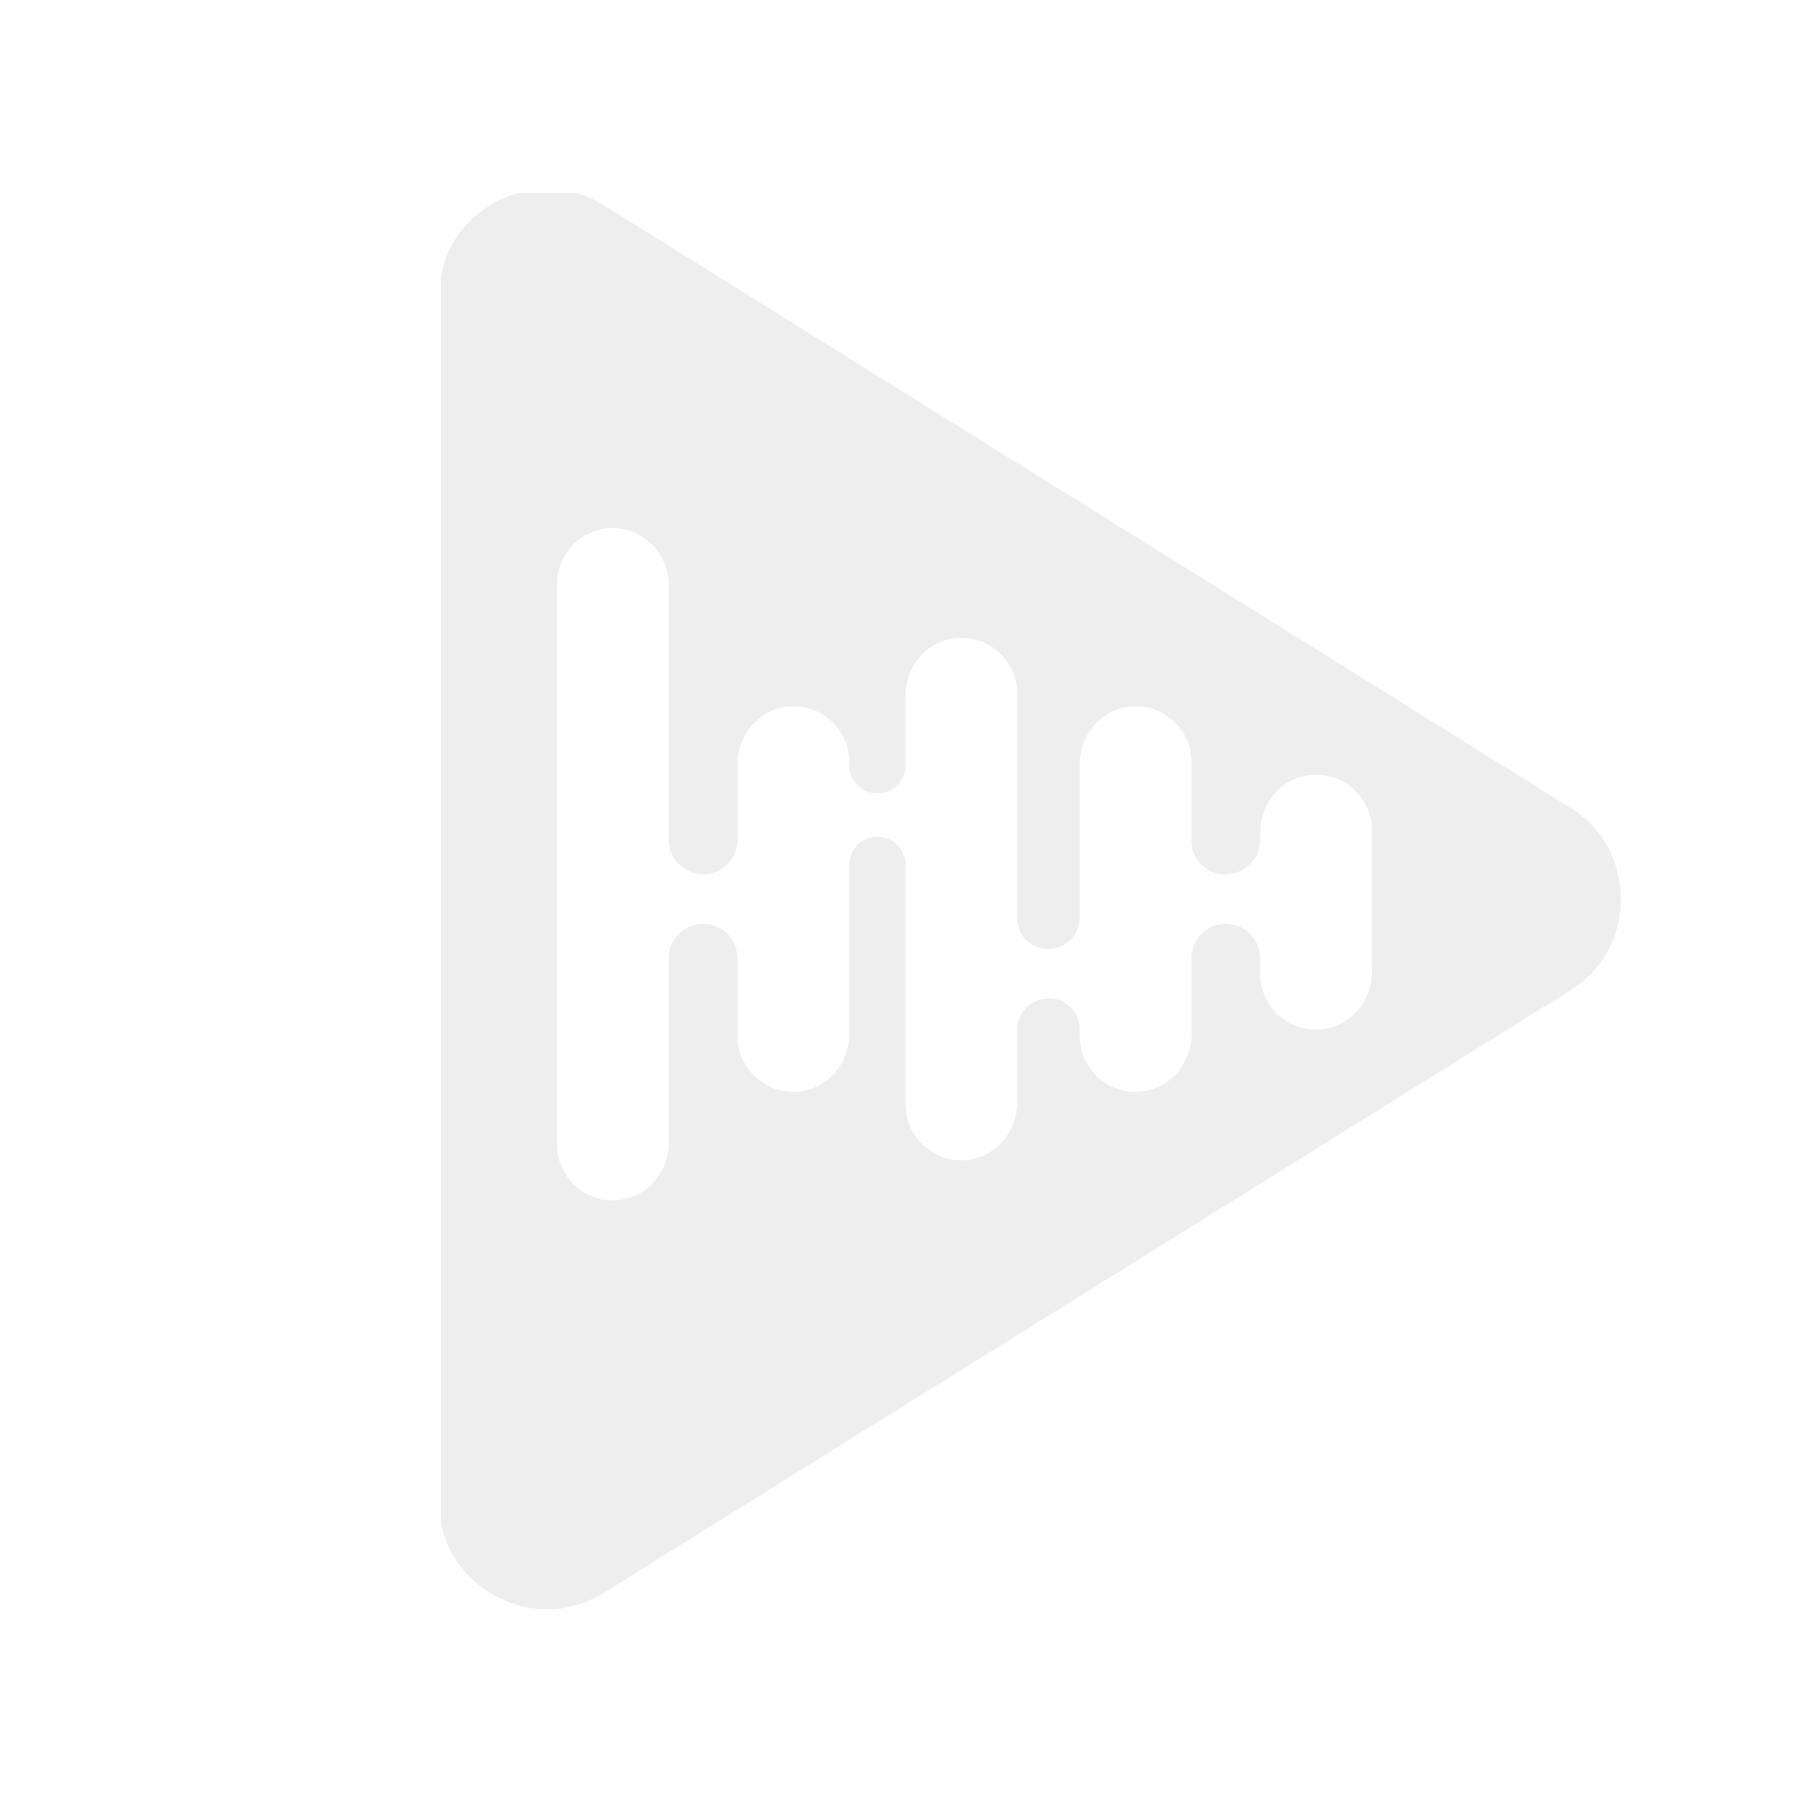 Skoddejuice Blood Orange Aroma